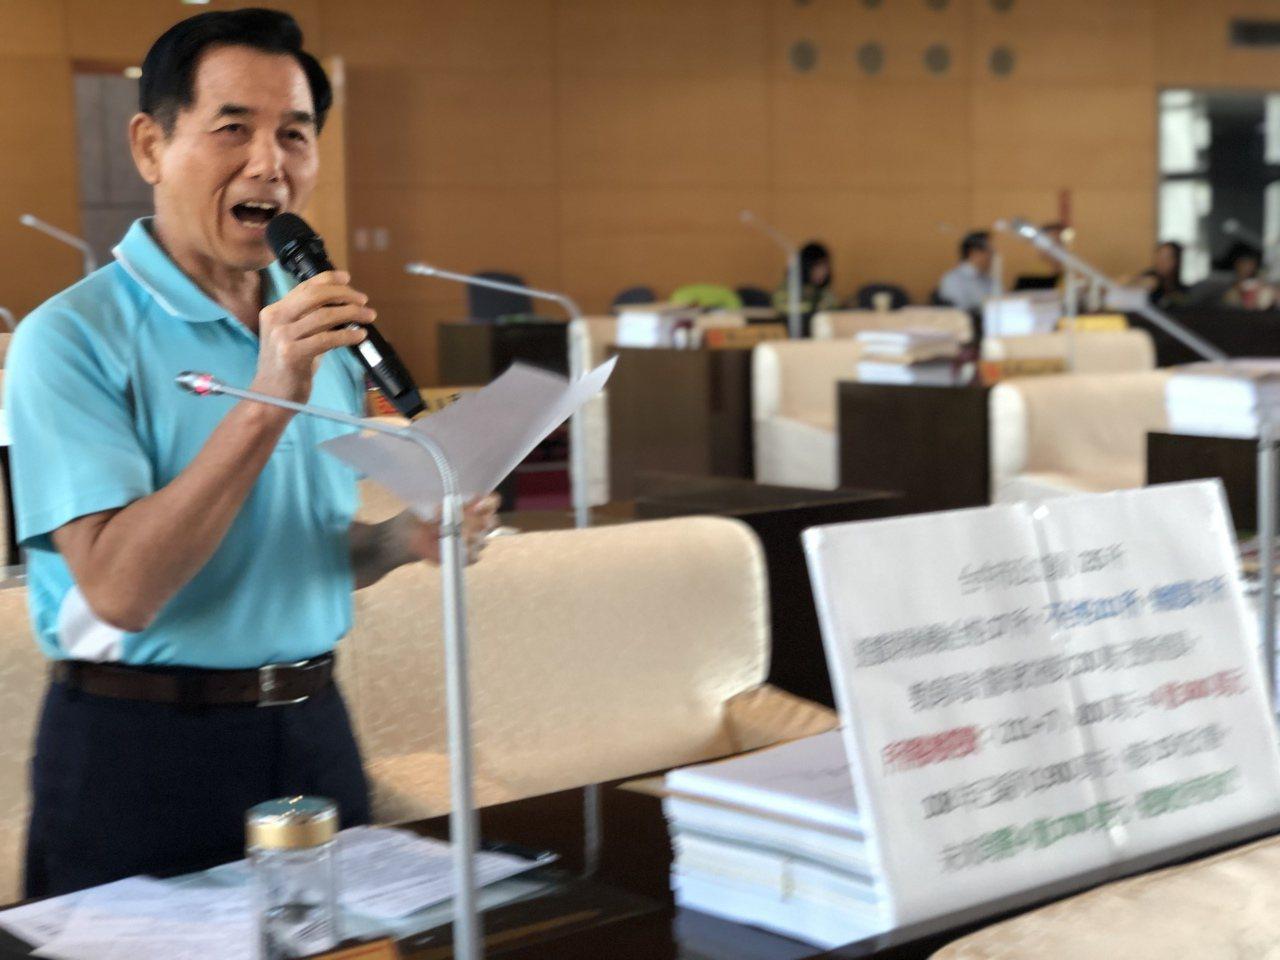 市議員吳敏濟希望校園遊具更新要加快速度。記者陳秋雲/攝影